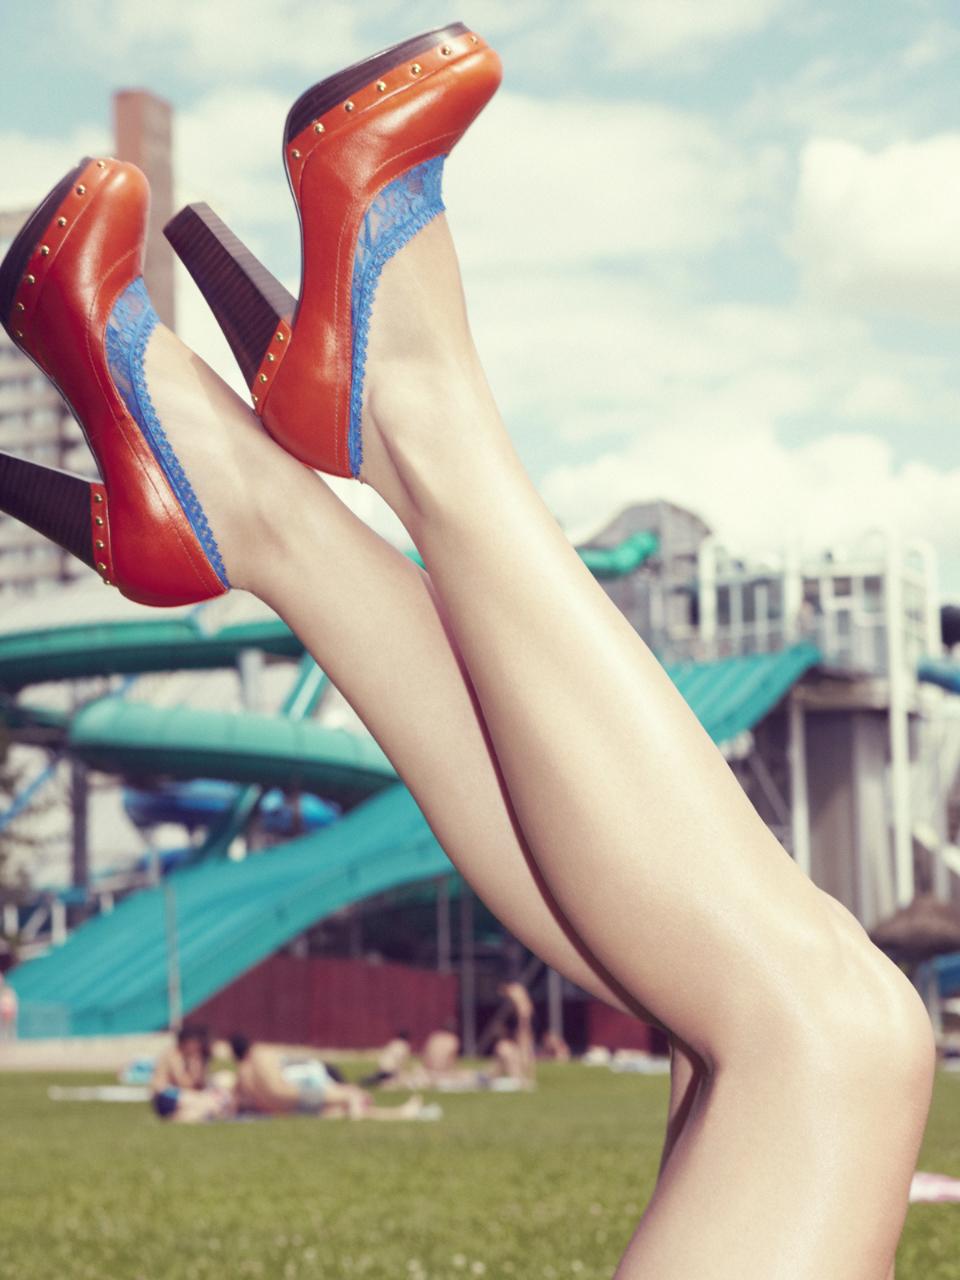 LEGS01-025.jpeg